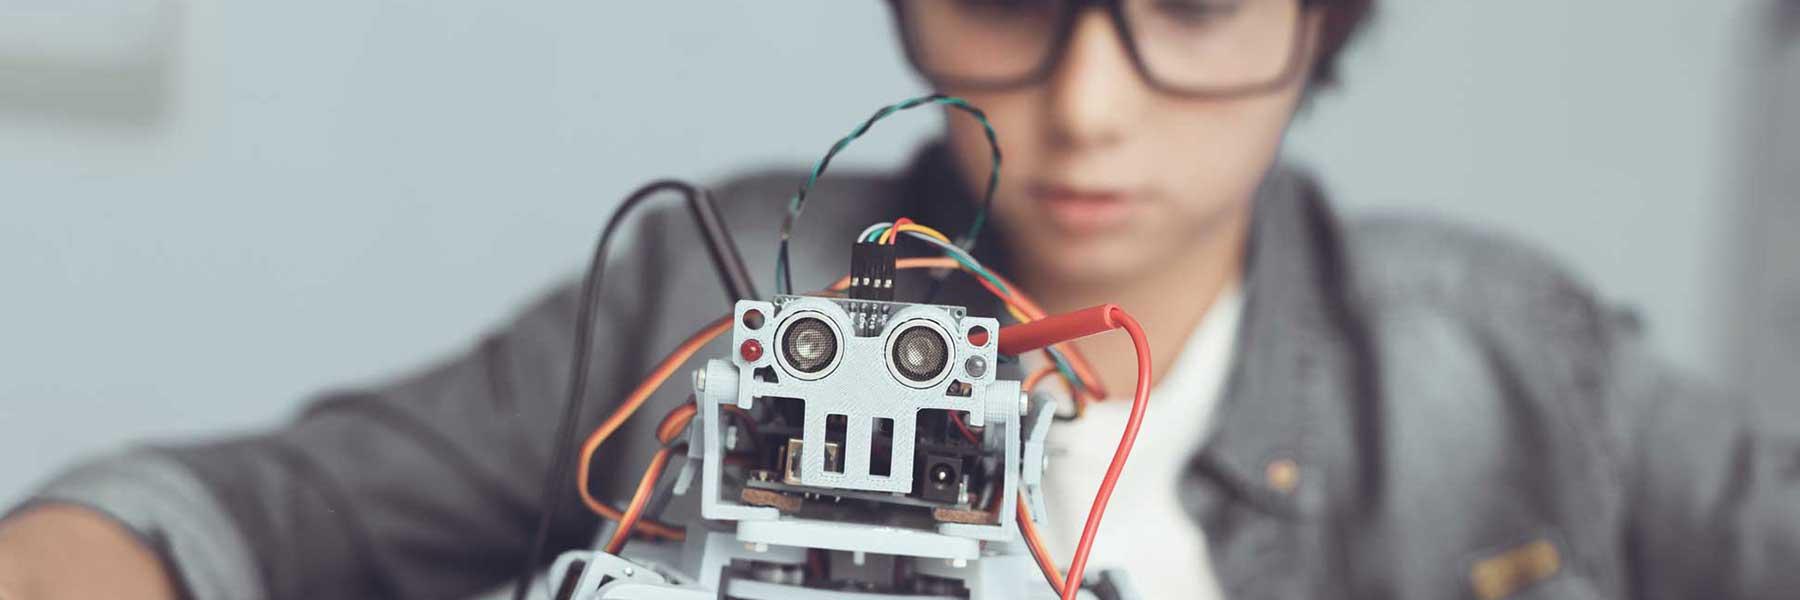 3 voorbeelden van artificial intelligence in het onderwijs